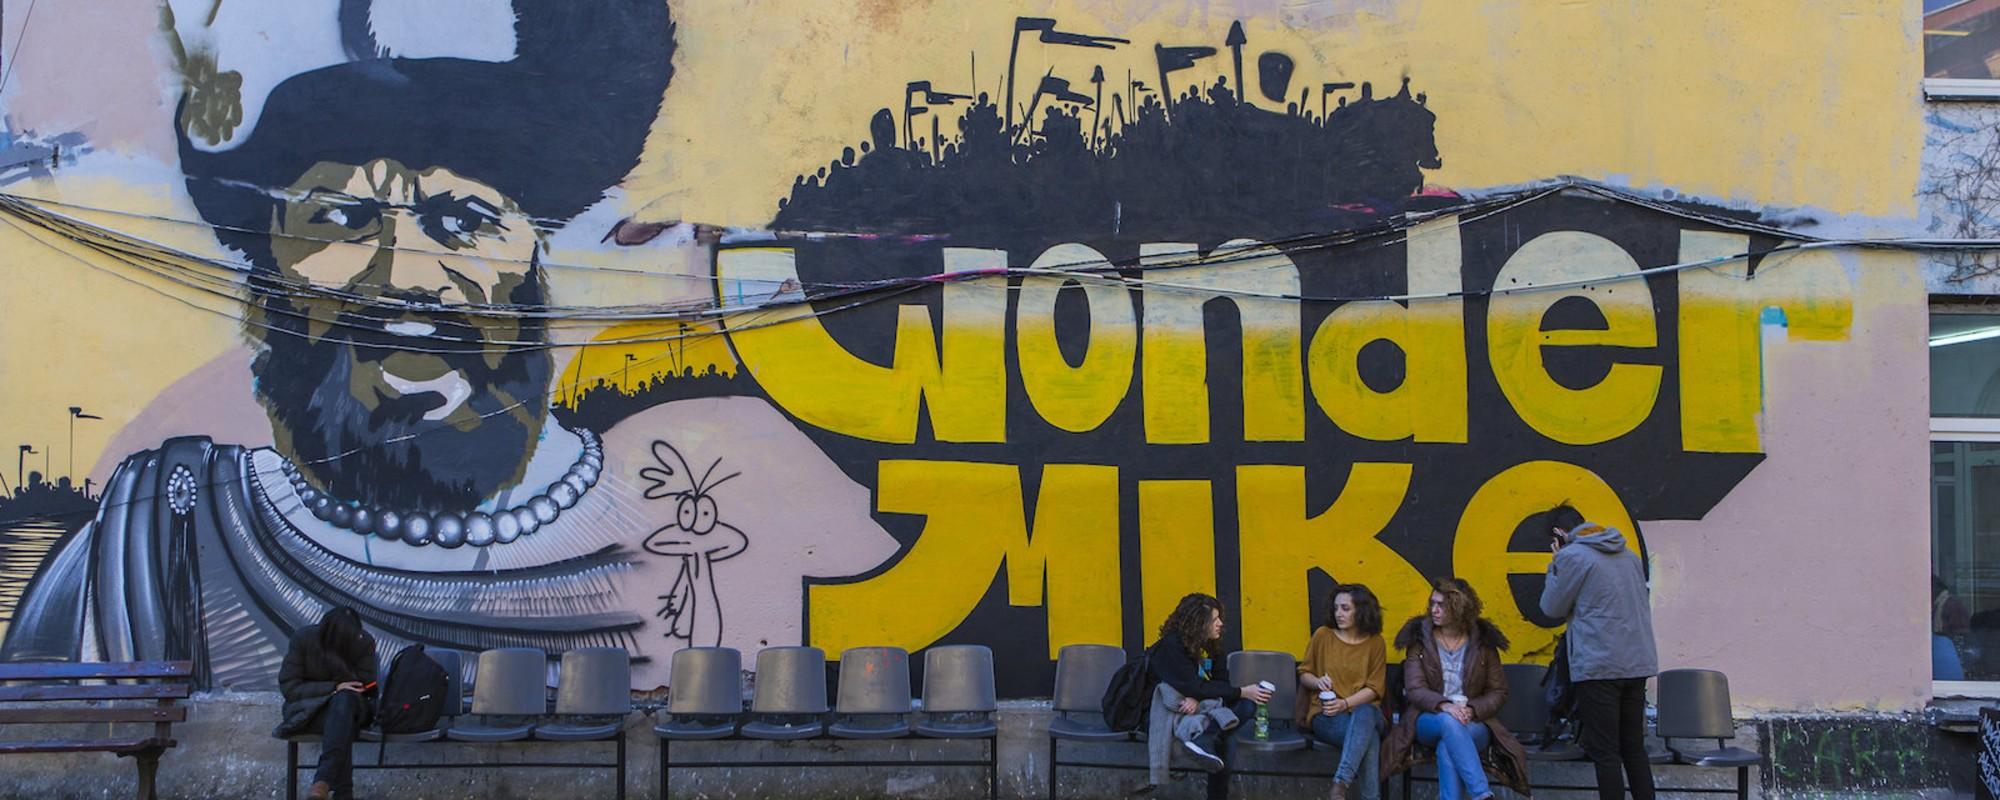 Pereții facultății de arhitectură din București sunt un mix de graffiti, umor și studenție